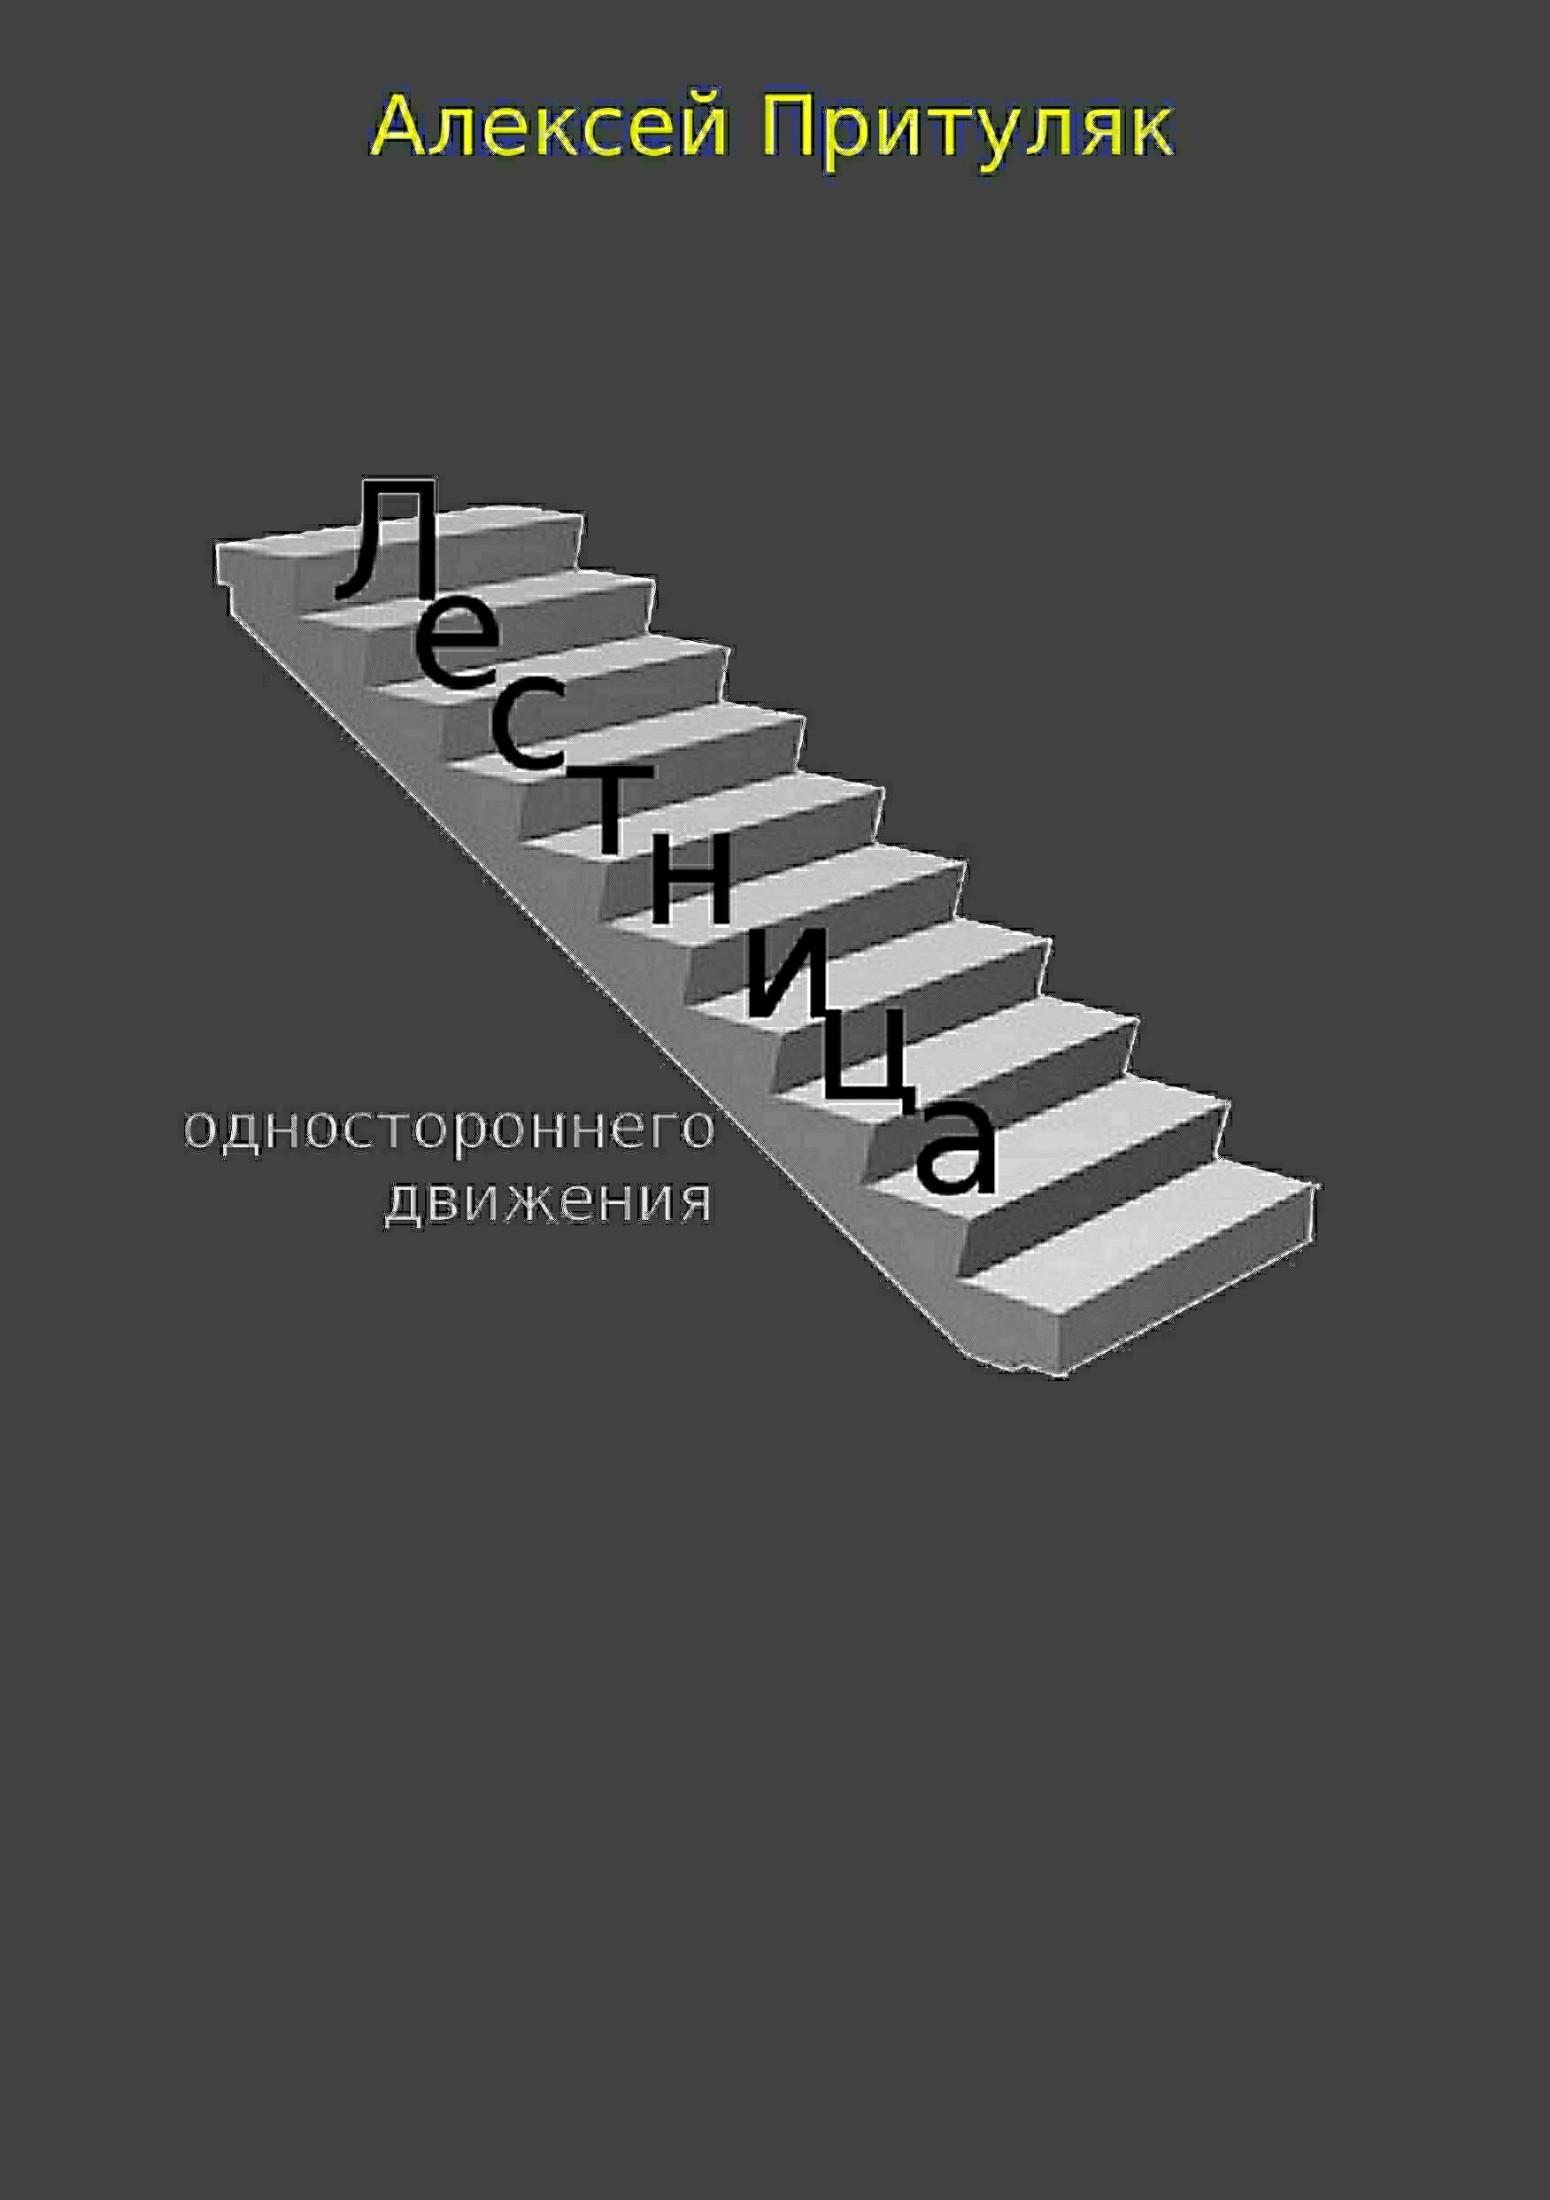 Алексей Притуляк Лестница. Сборник рассказов алексей притуляк санаторий